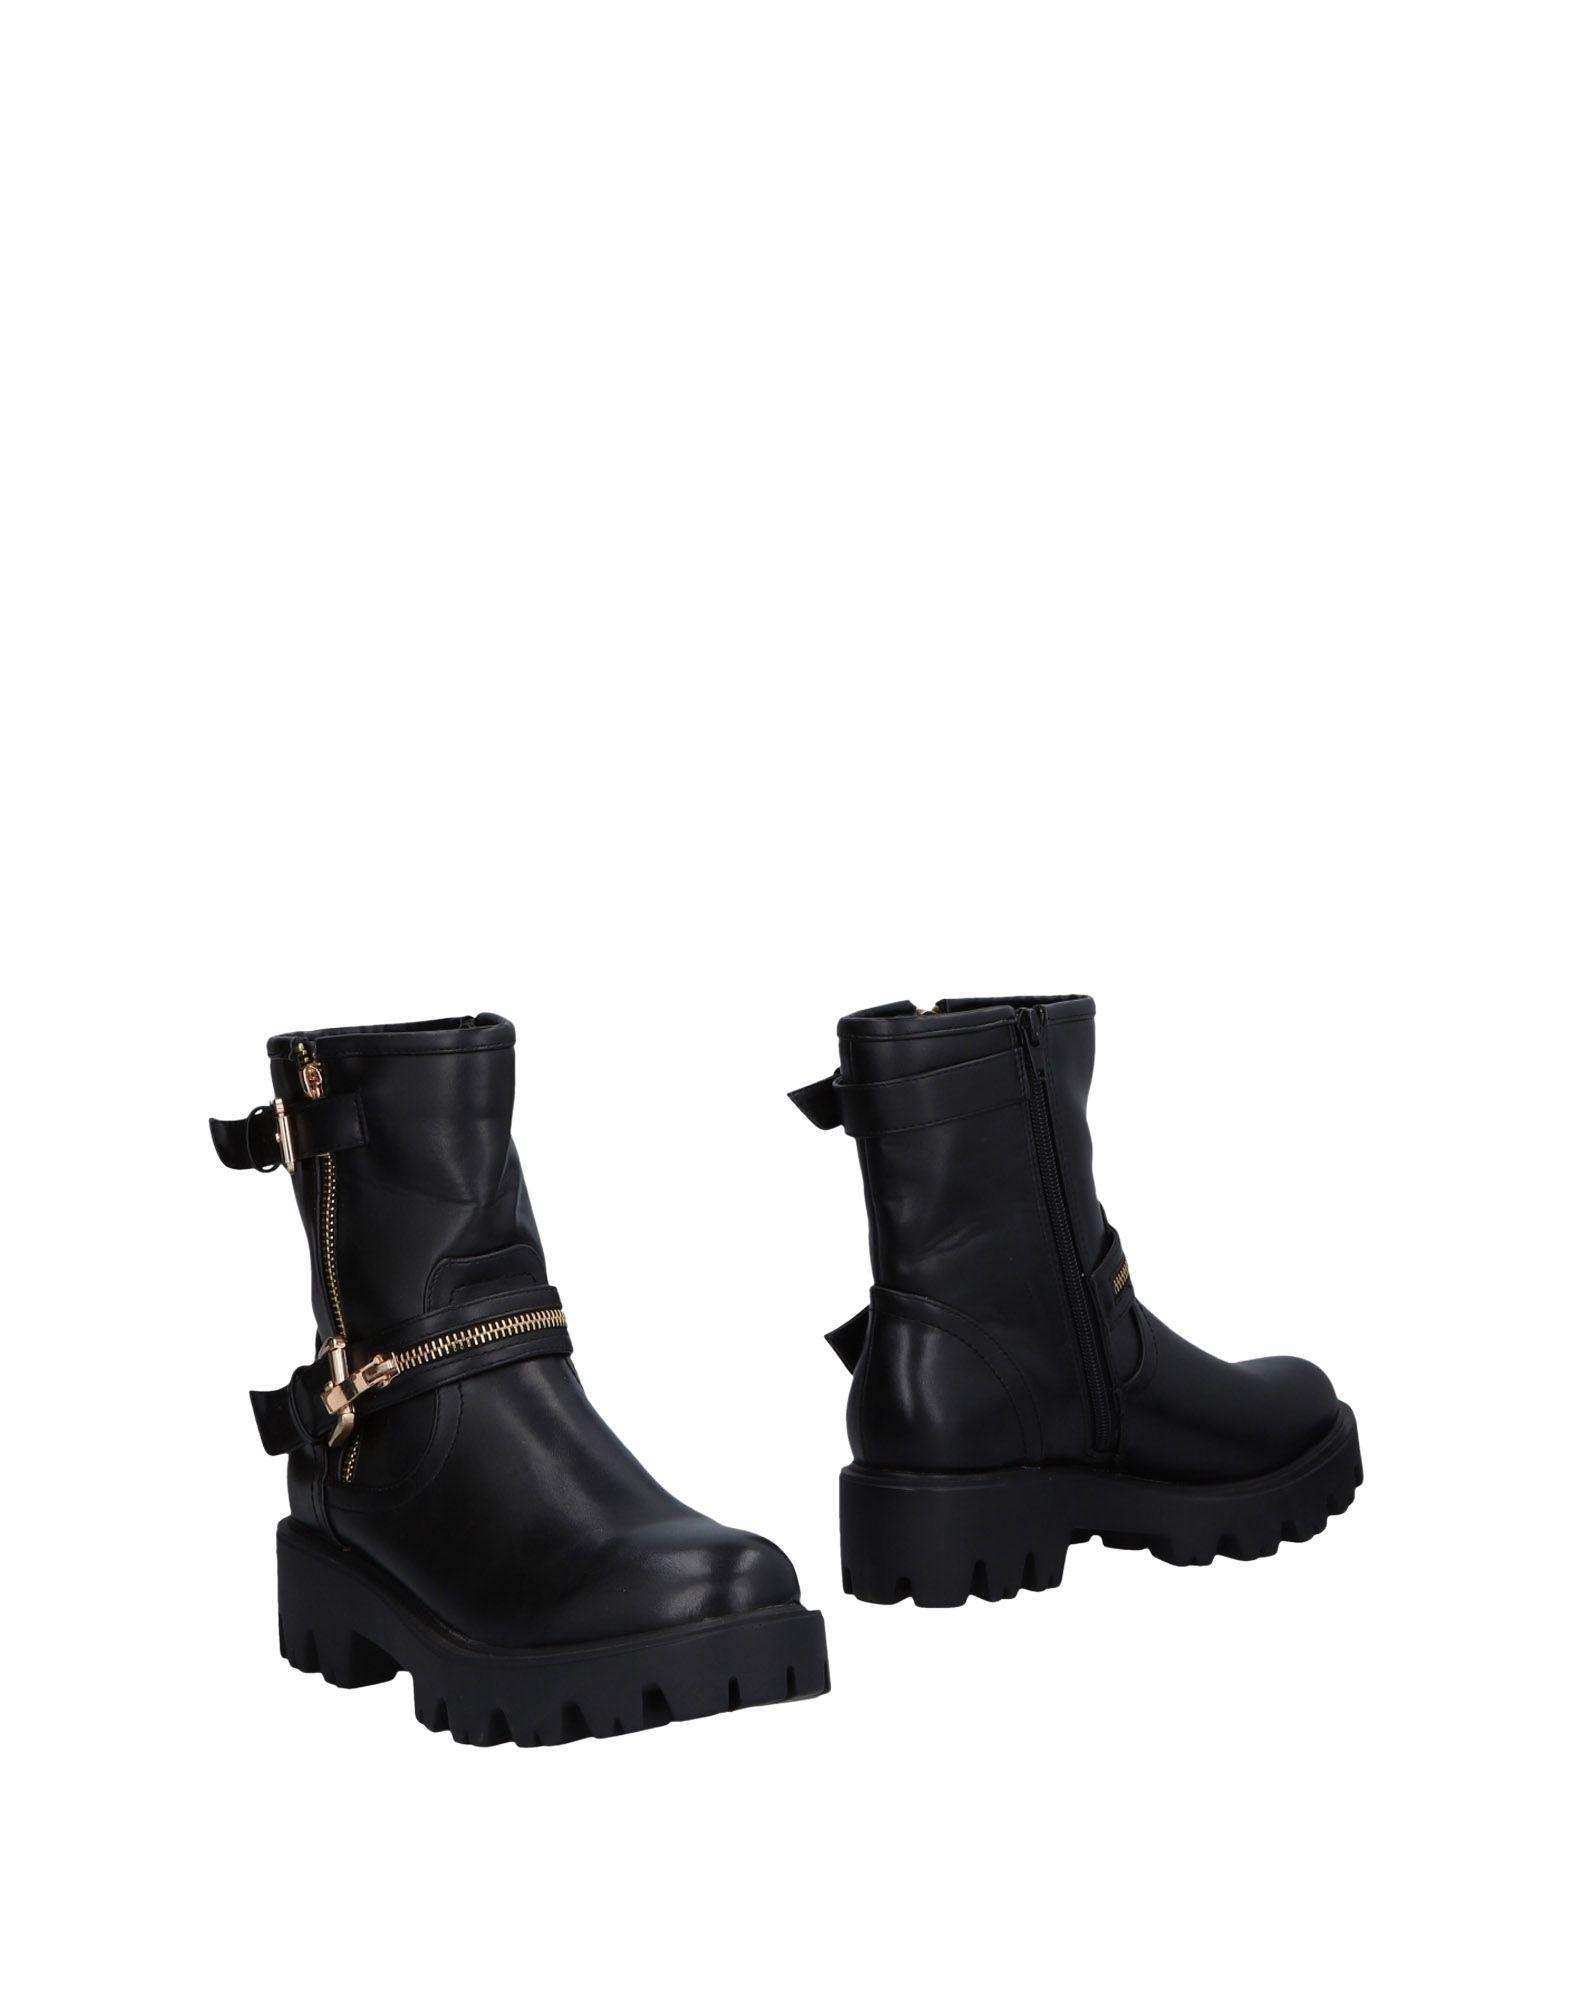 Stilvolle billige Renzi Schuhe Rejois By Gianni Renzi billige Stiefelette Damen  11480932KE 8cba4c